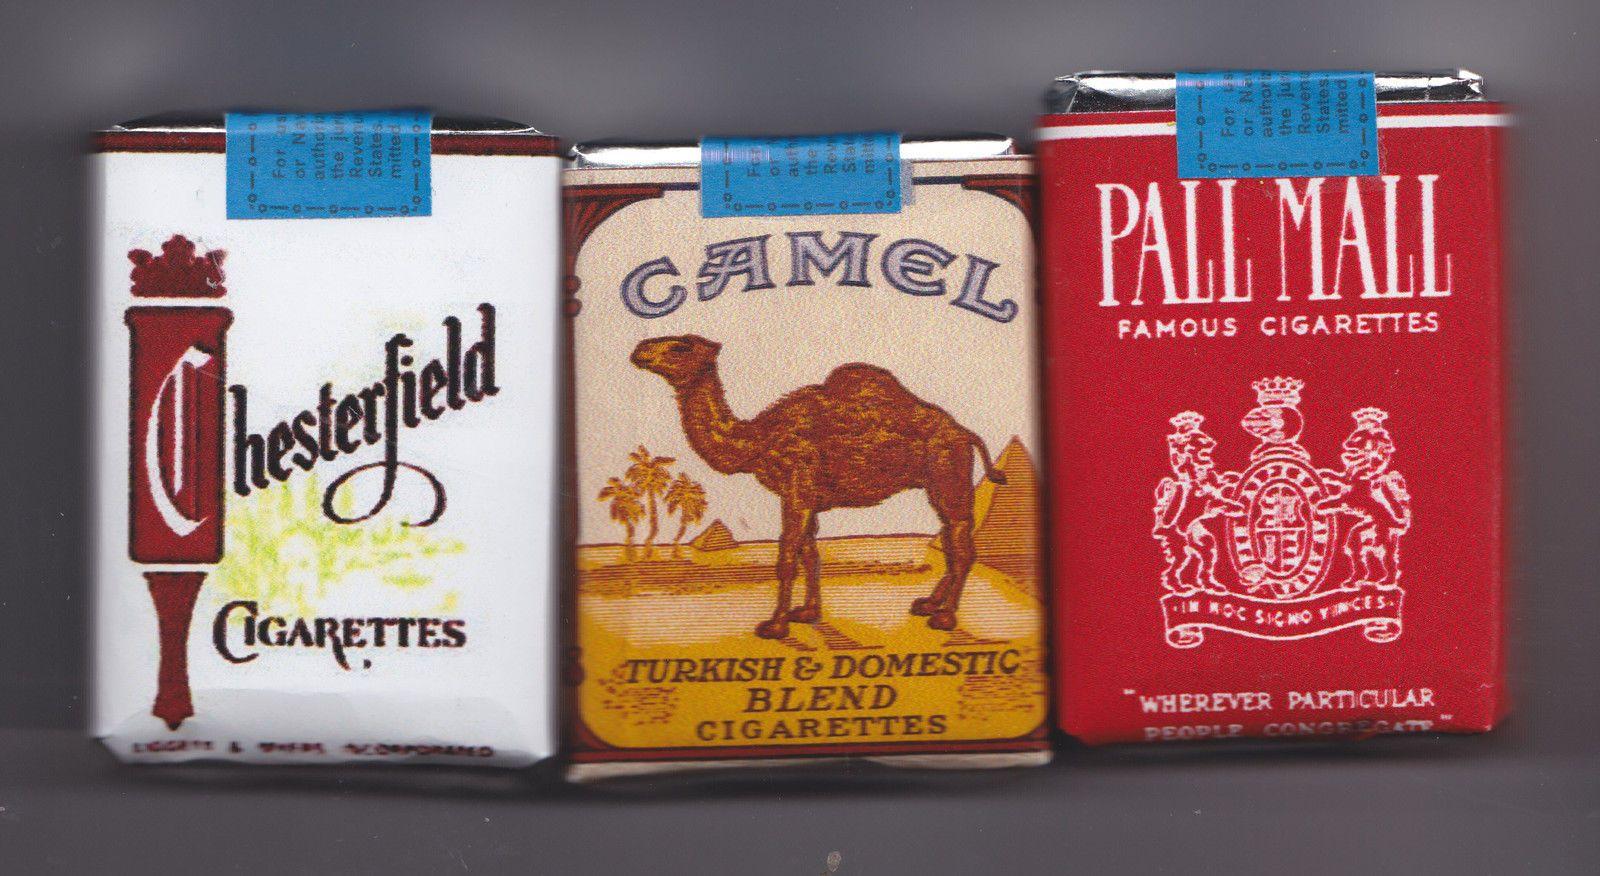 California brands of cigarettes Marlboro